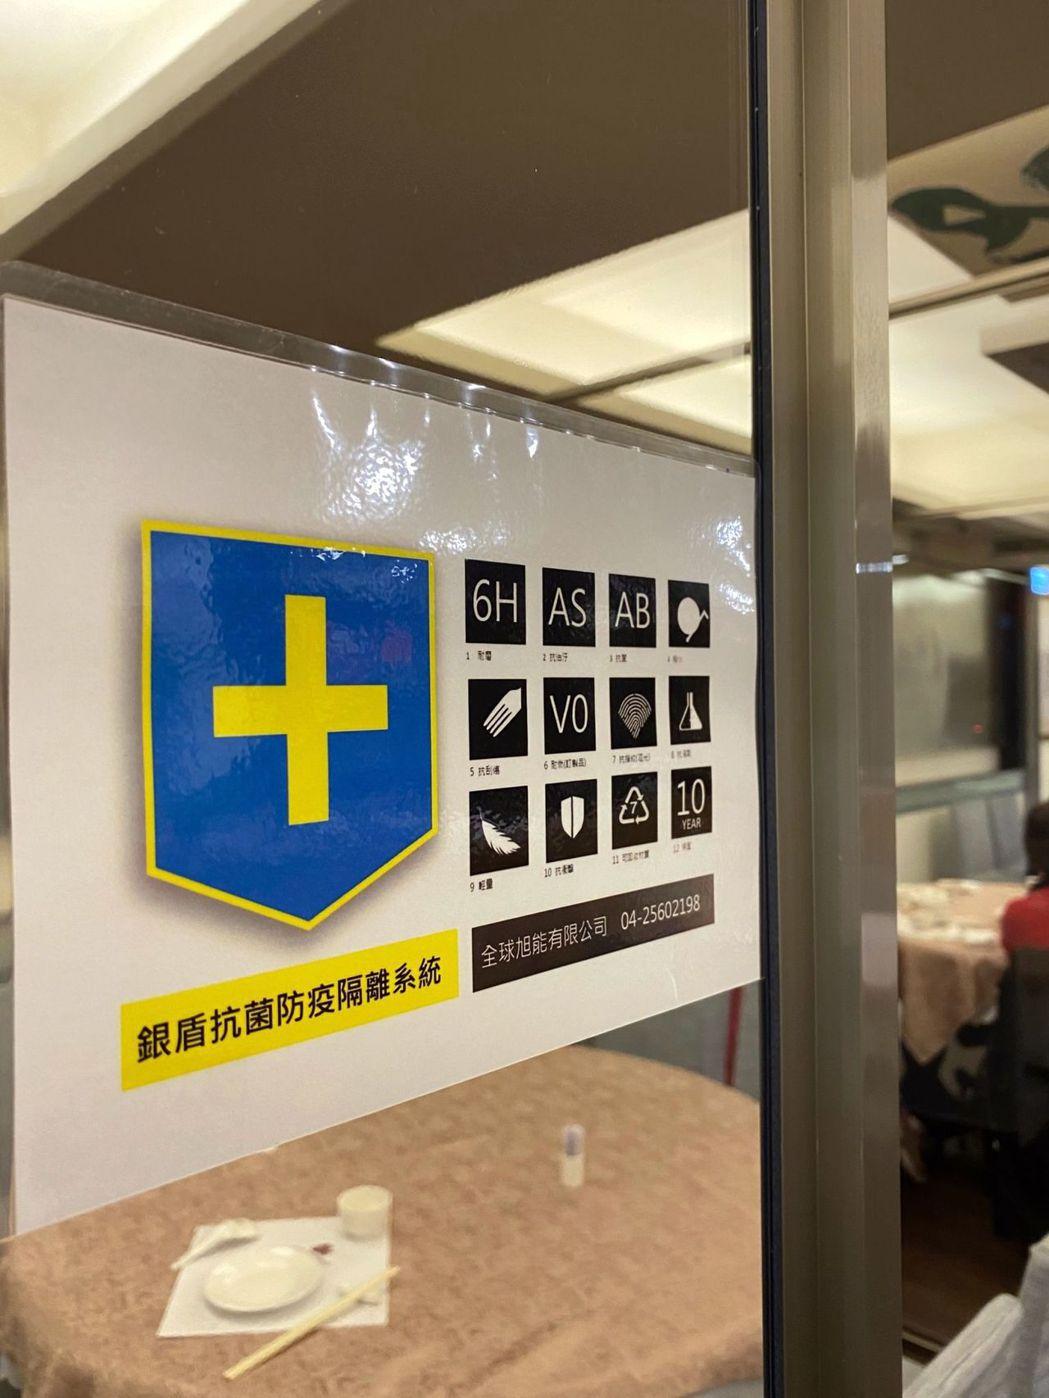 餐廳隔板使用的壓克力板是具有奈米層的銀盾醫療級抗菌防黴面板。 全球旭能/提供